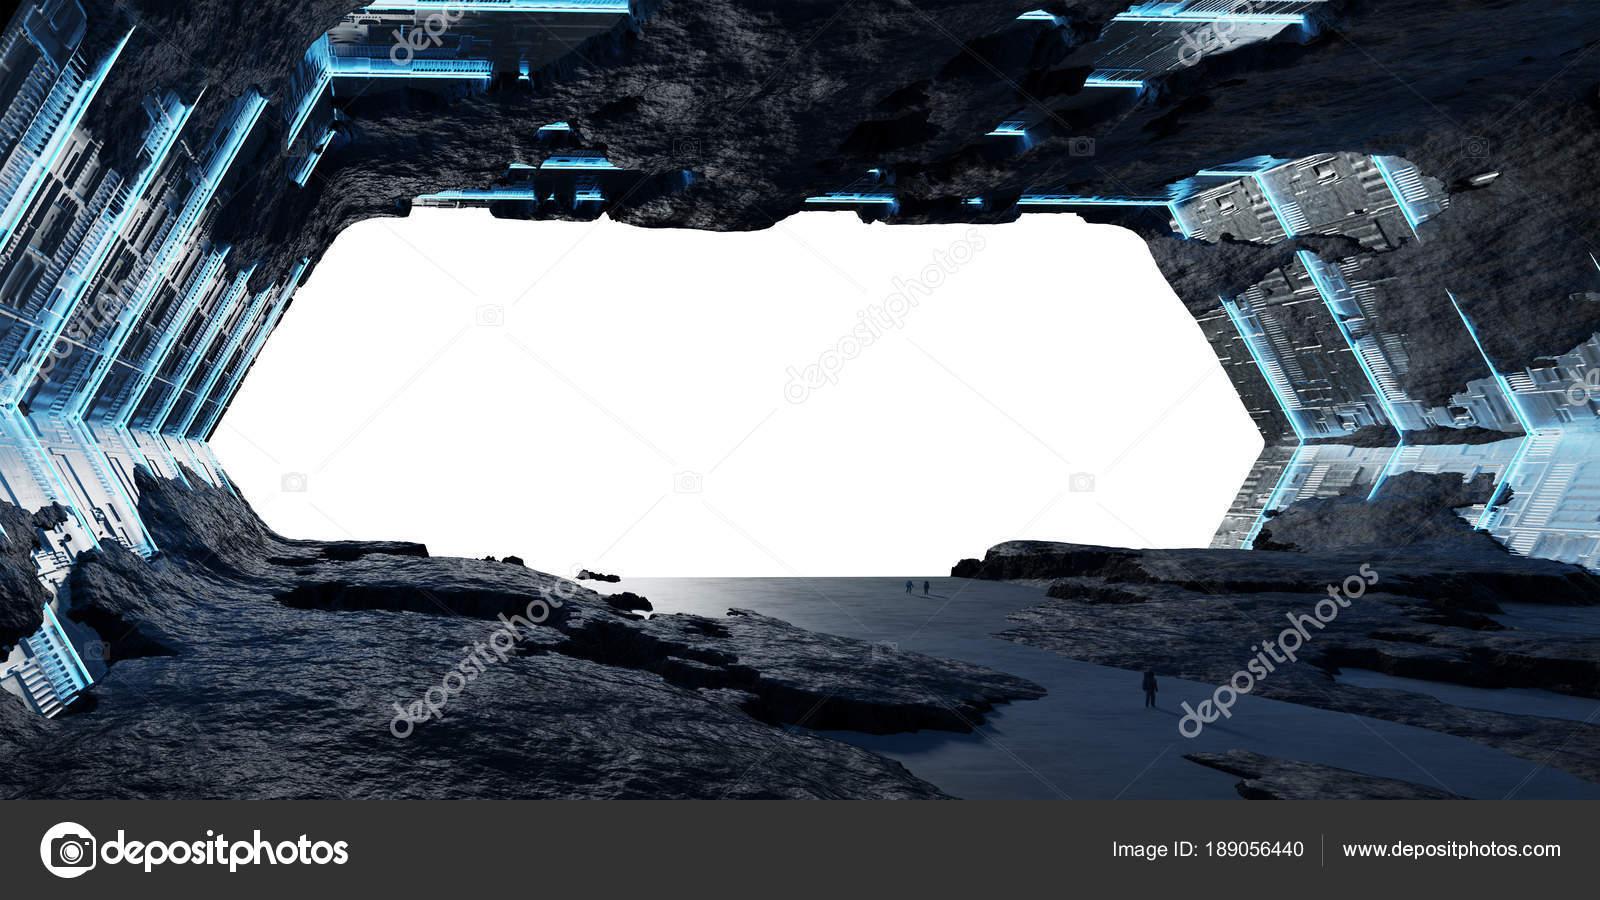 Huge asteroid spaceship interior 3D rendering elements of